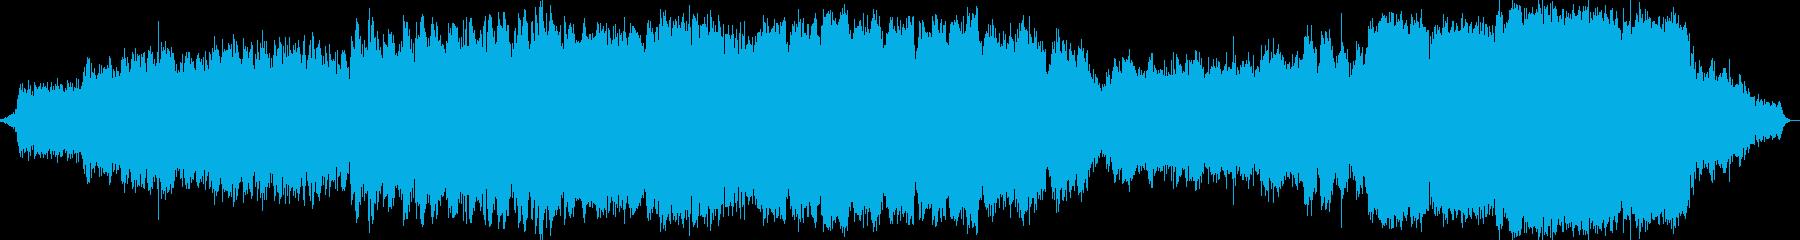 シンセサイザーオーケストラ音楽の再生済みの波形